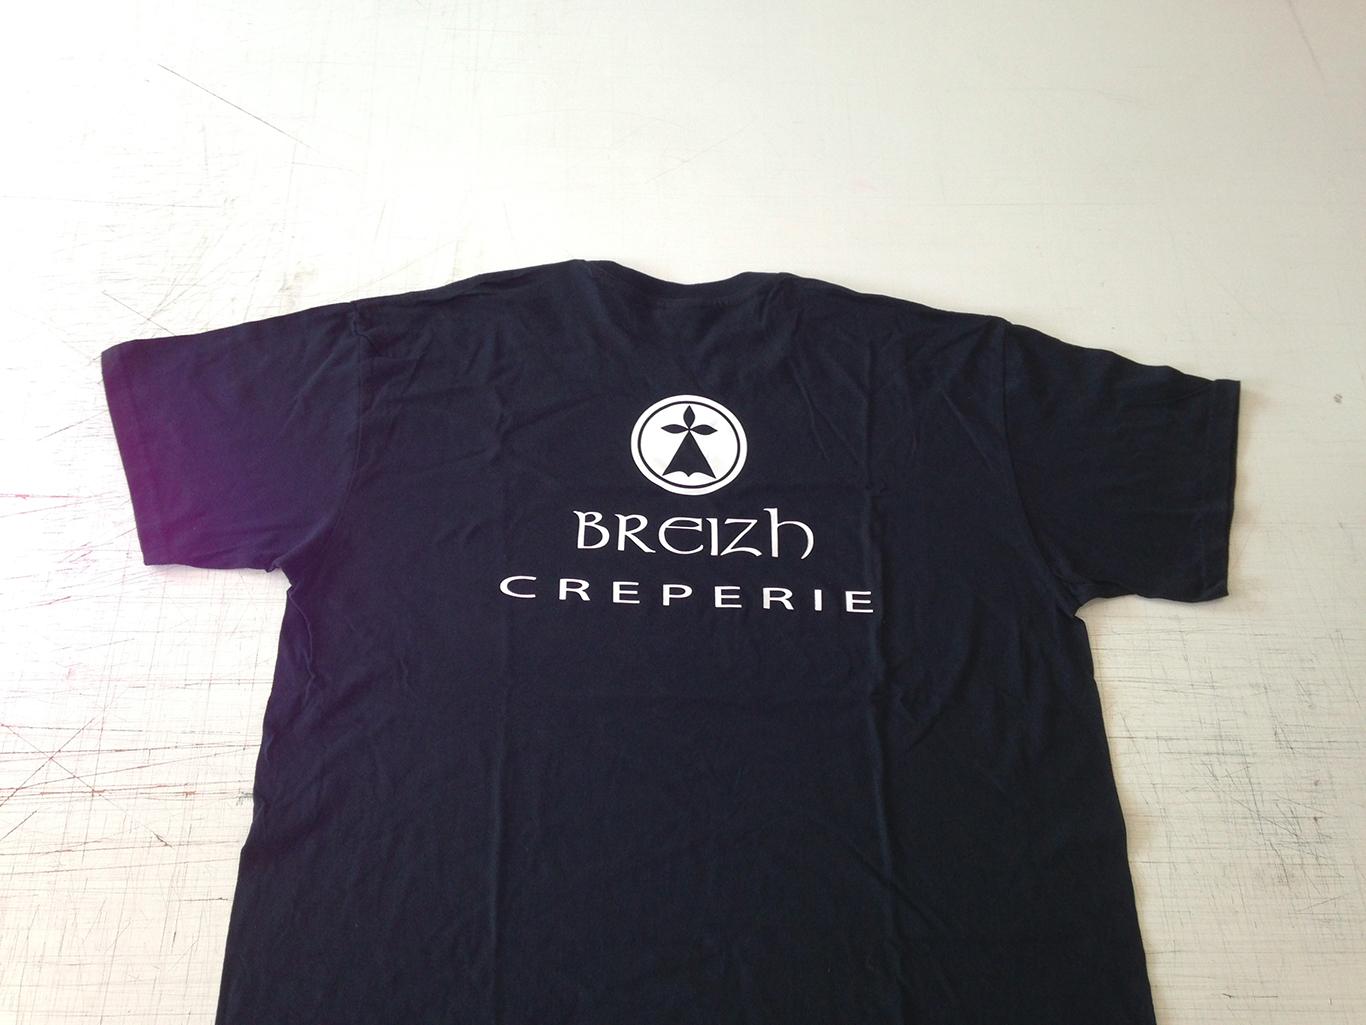 Abbigliamento personalizzato  Magliette con logo 15767553453